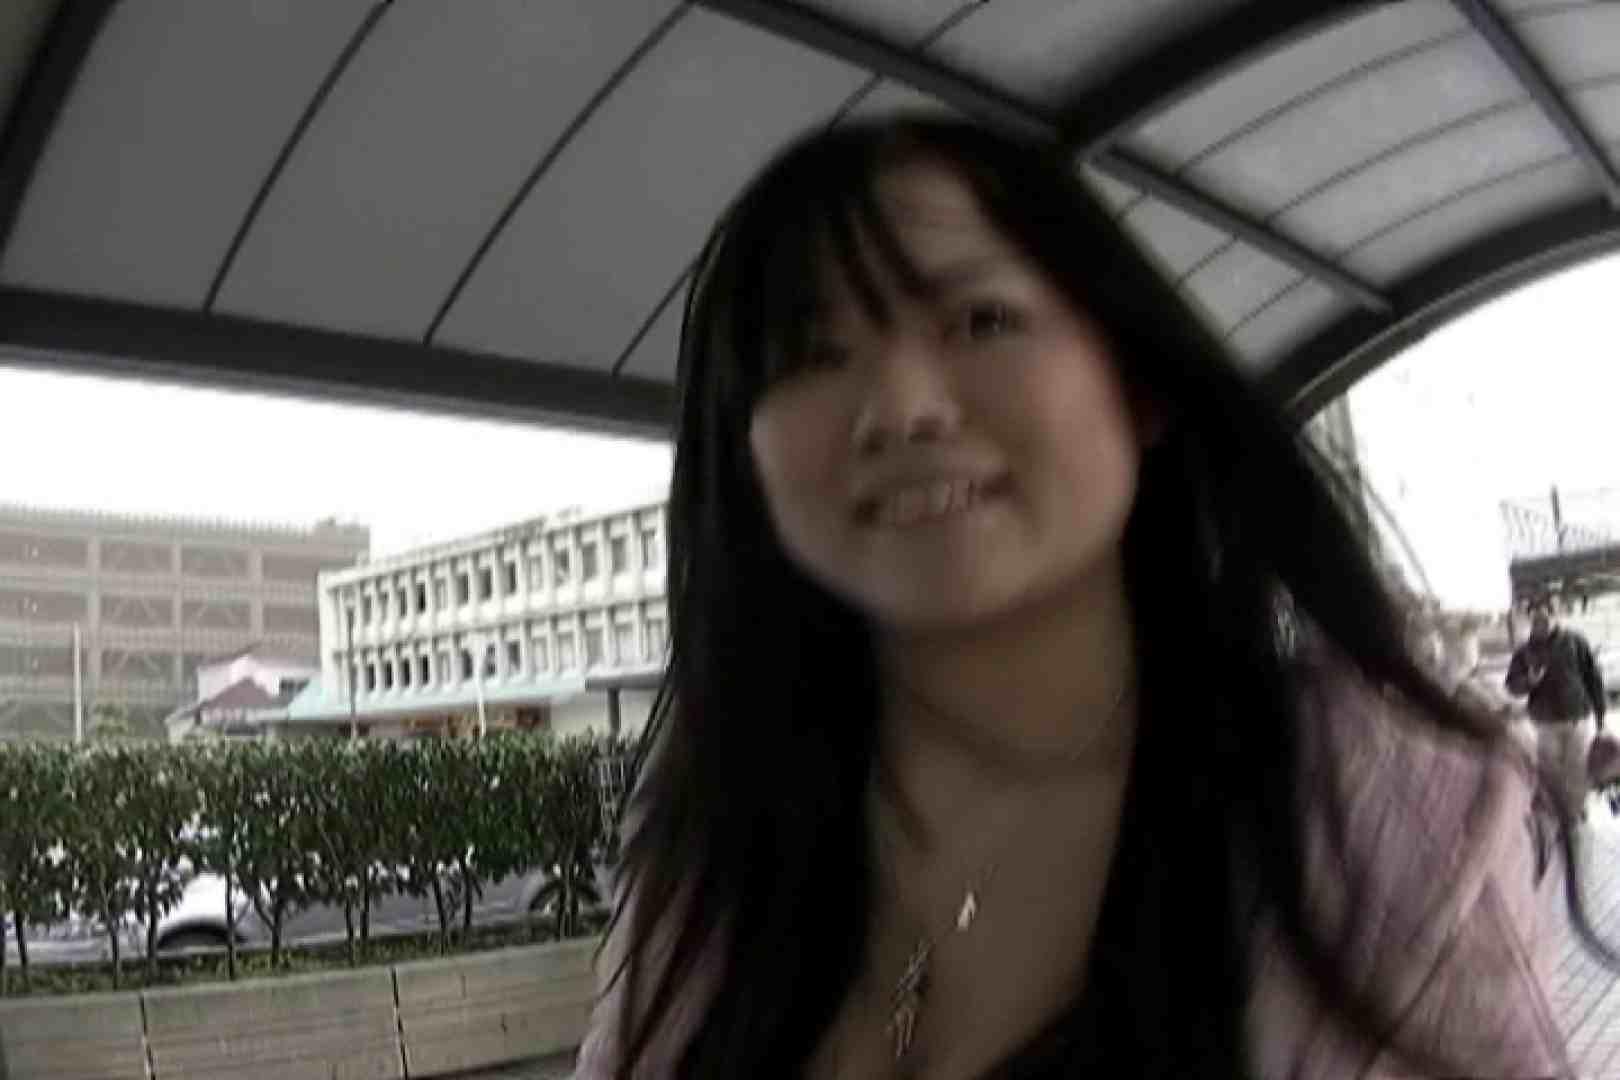 素人嬢がAV面接にやって来た。 仮名ゆみvol.2 すけべなOL アダルト動画キャプチャ 108画像 34